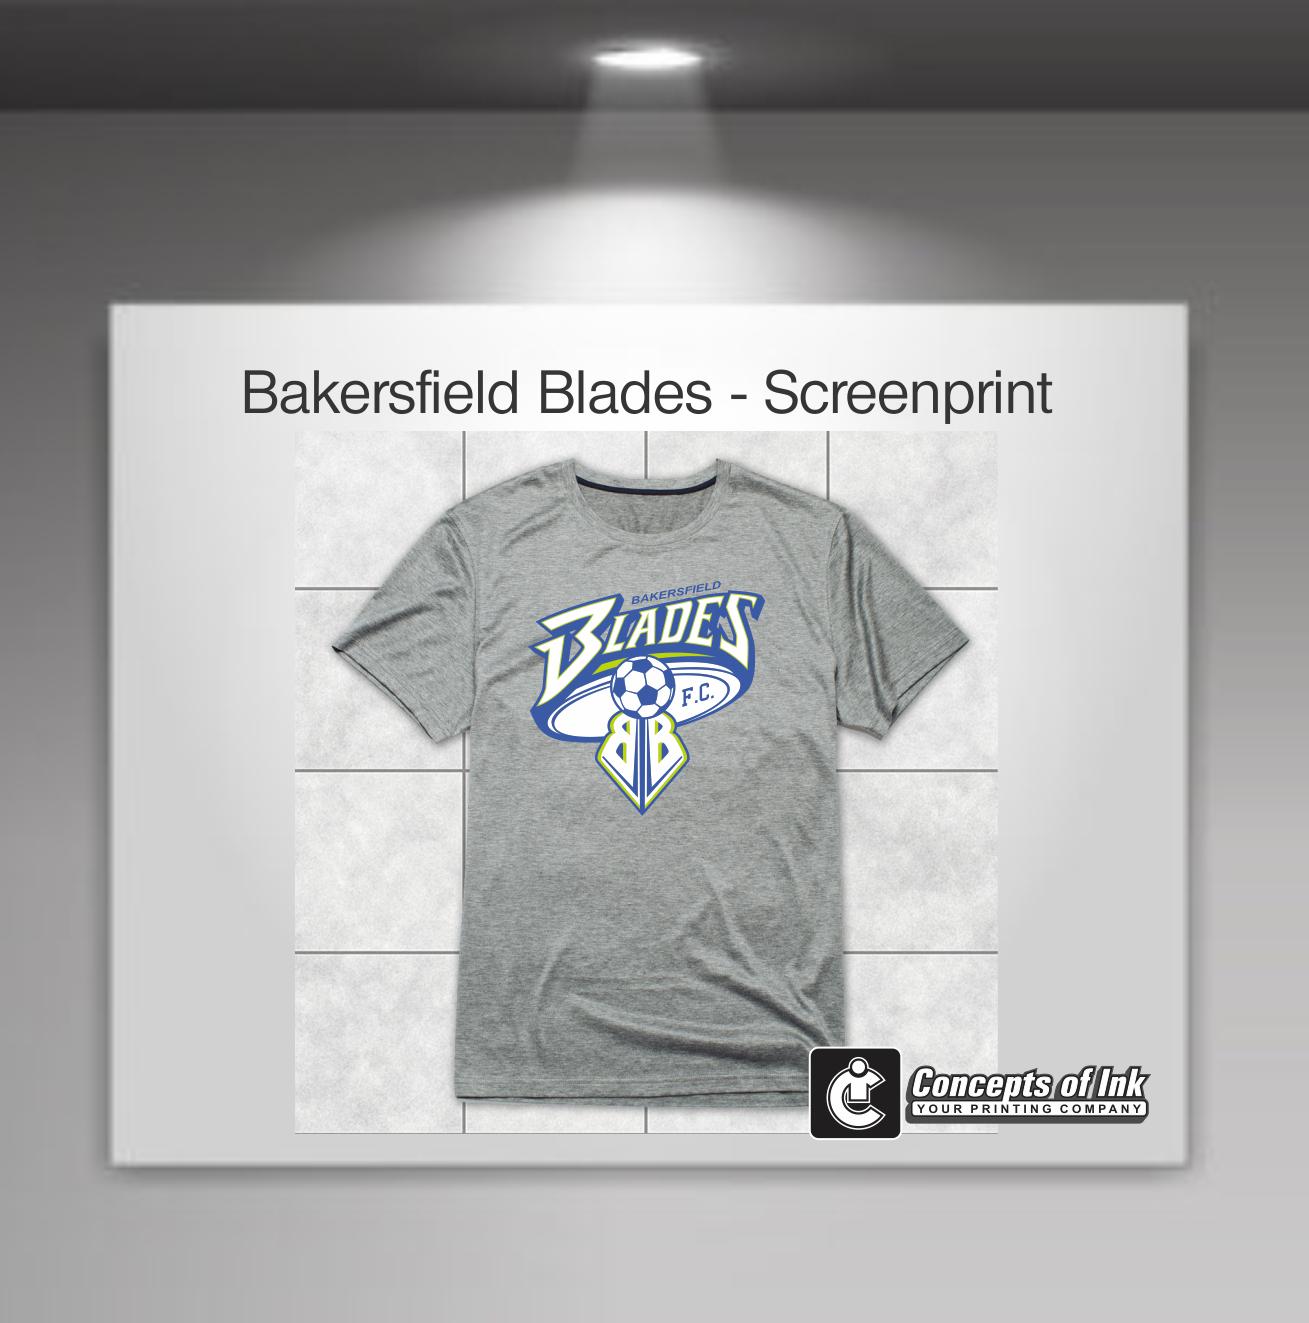 Bk Blades